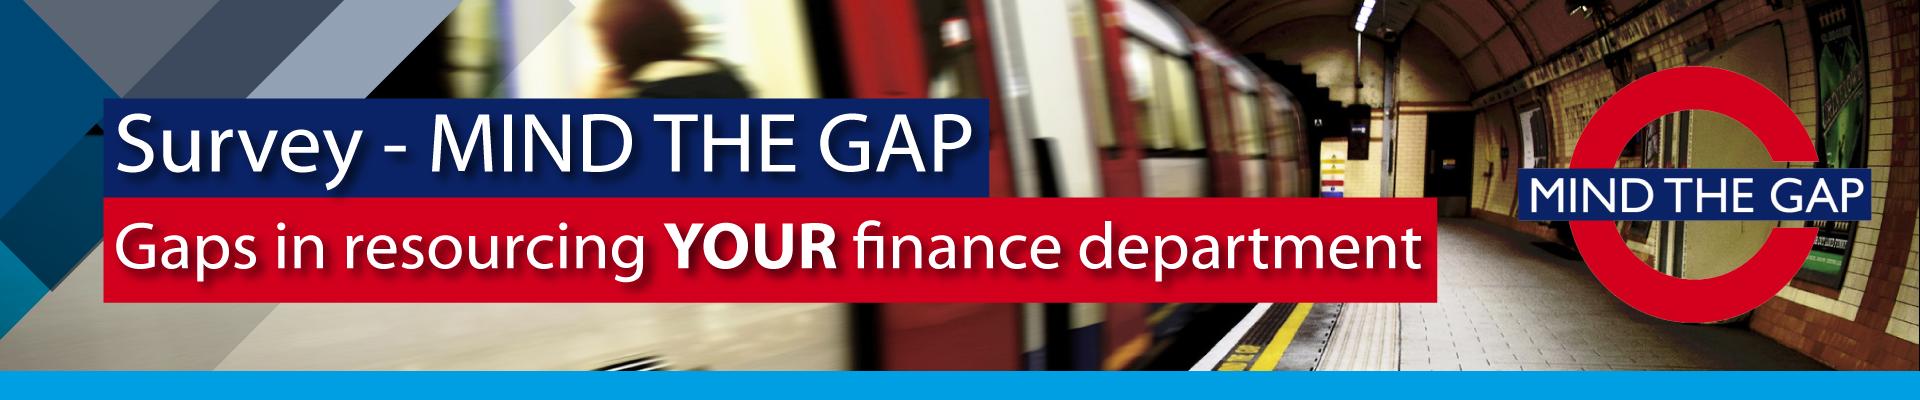 mind-the-gap-web-facebook-banner